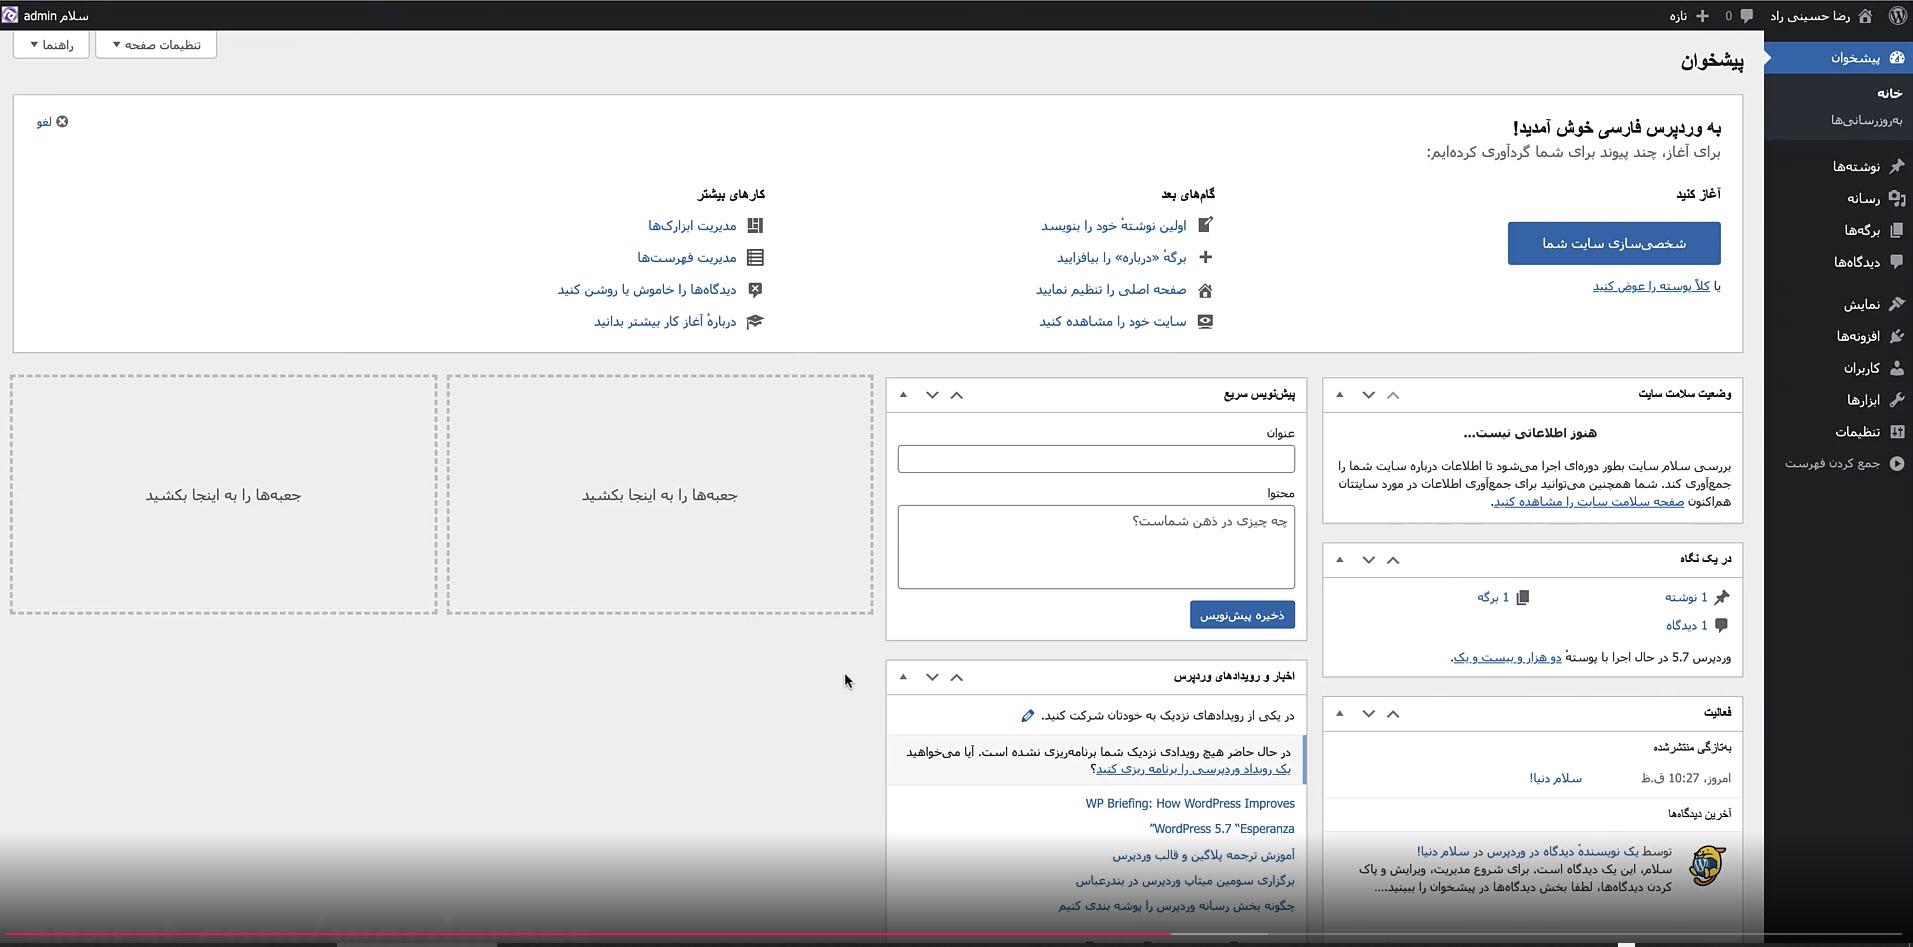 پنل مدیریت وبسایت